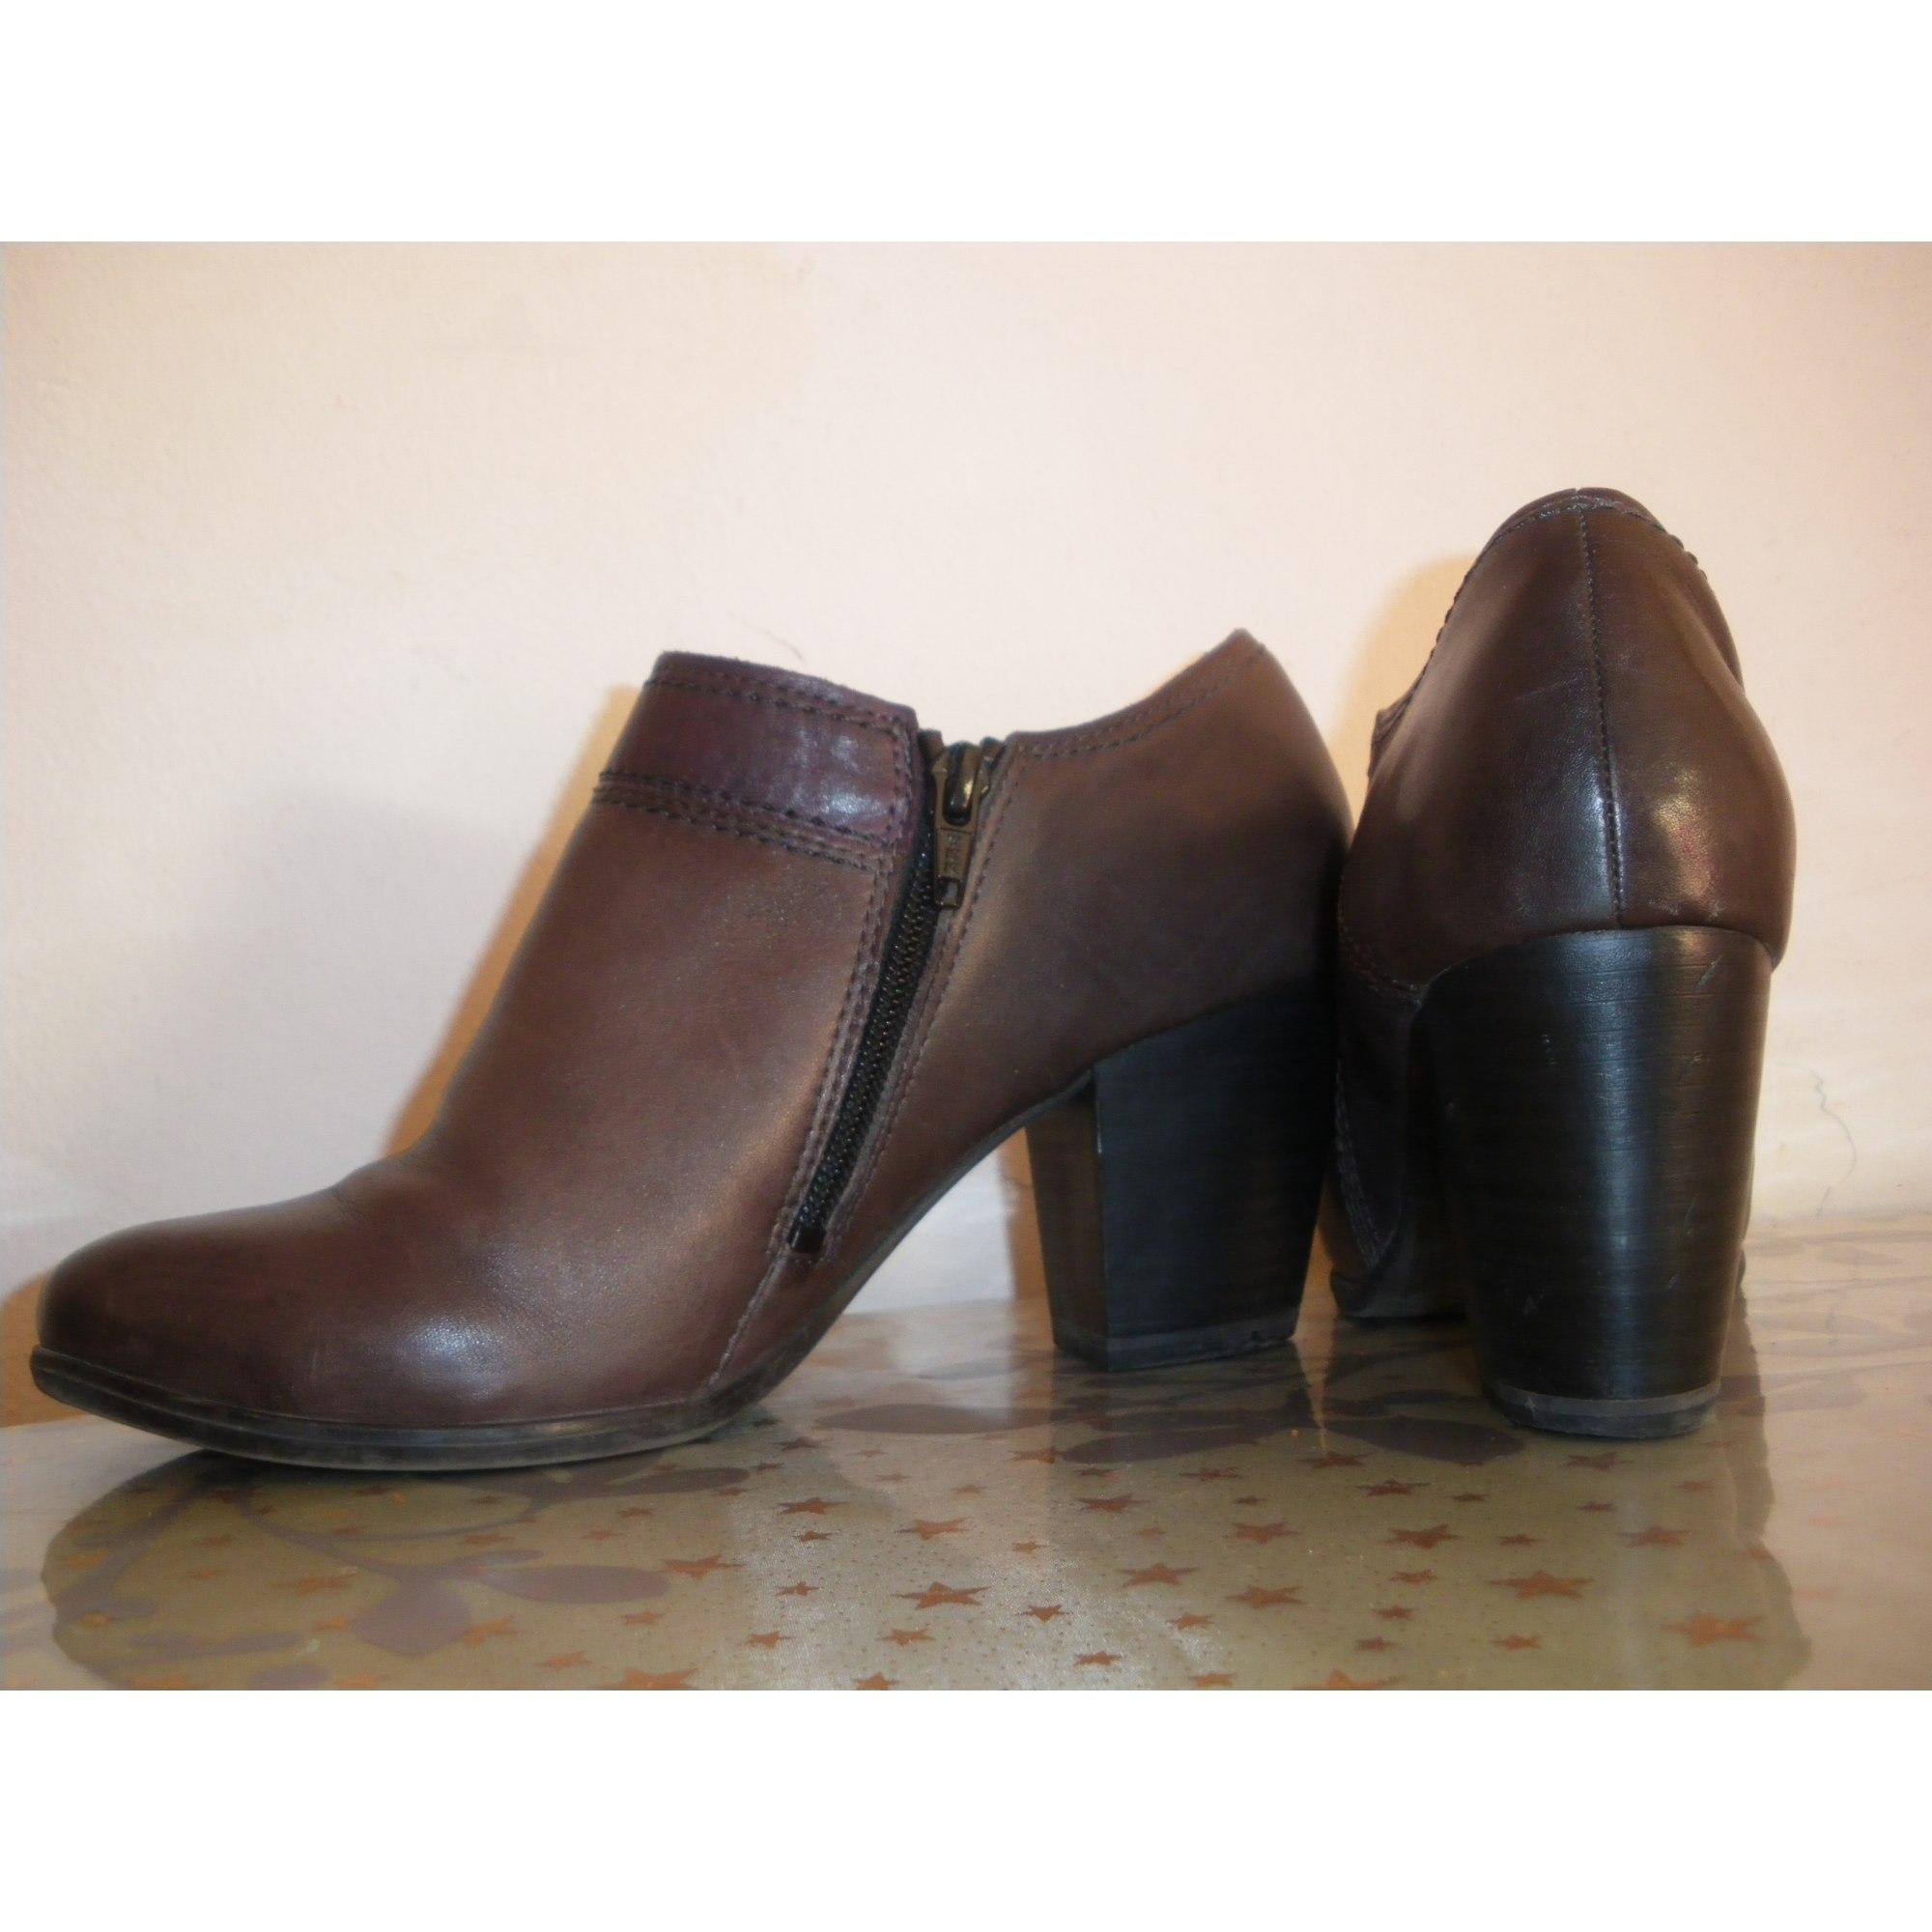 c41f5bfe544 Bottines   low boots à talons MARCO TOZZI 38 gris - 4517822